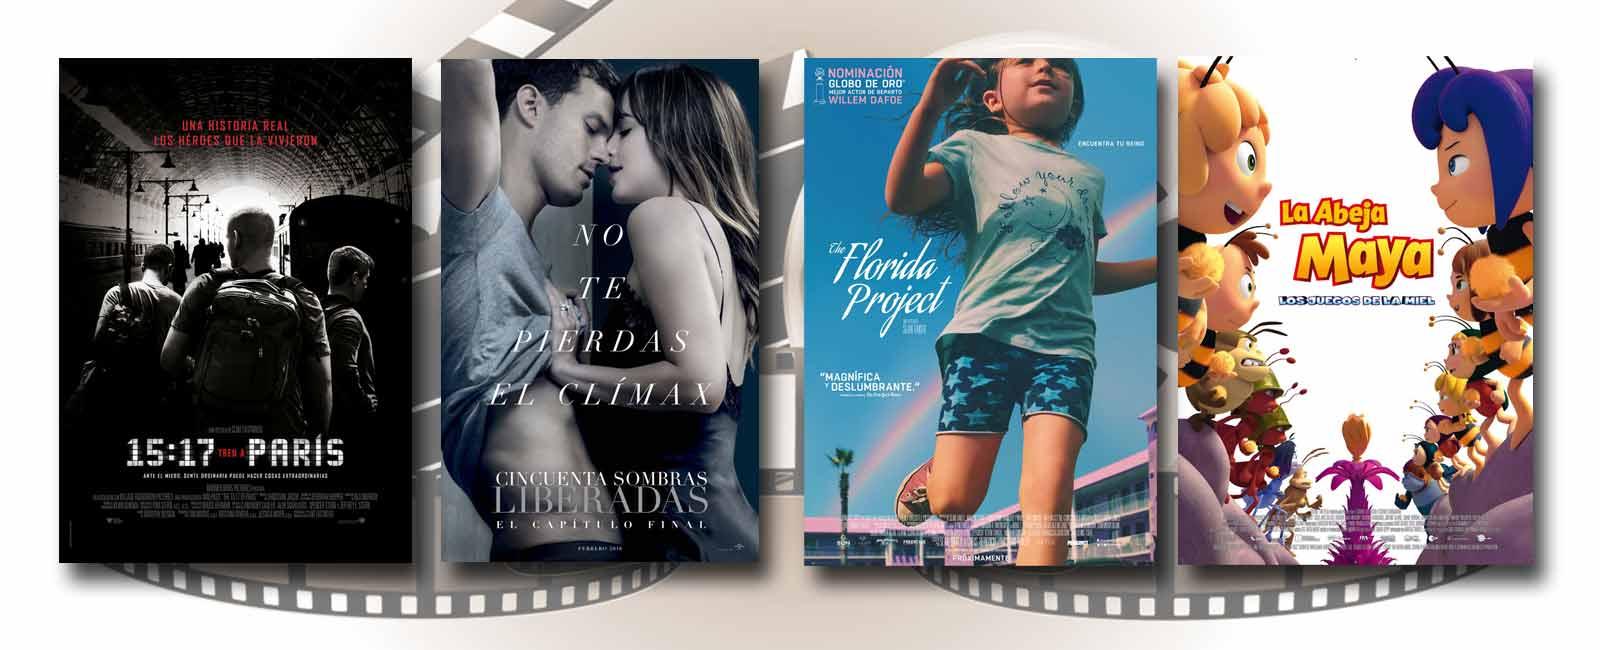 Estrenos de Cine de la Semana… 9 de Febrero 2018